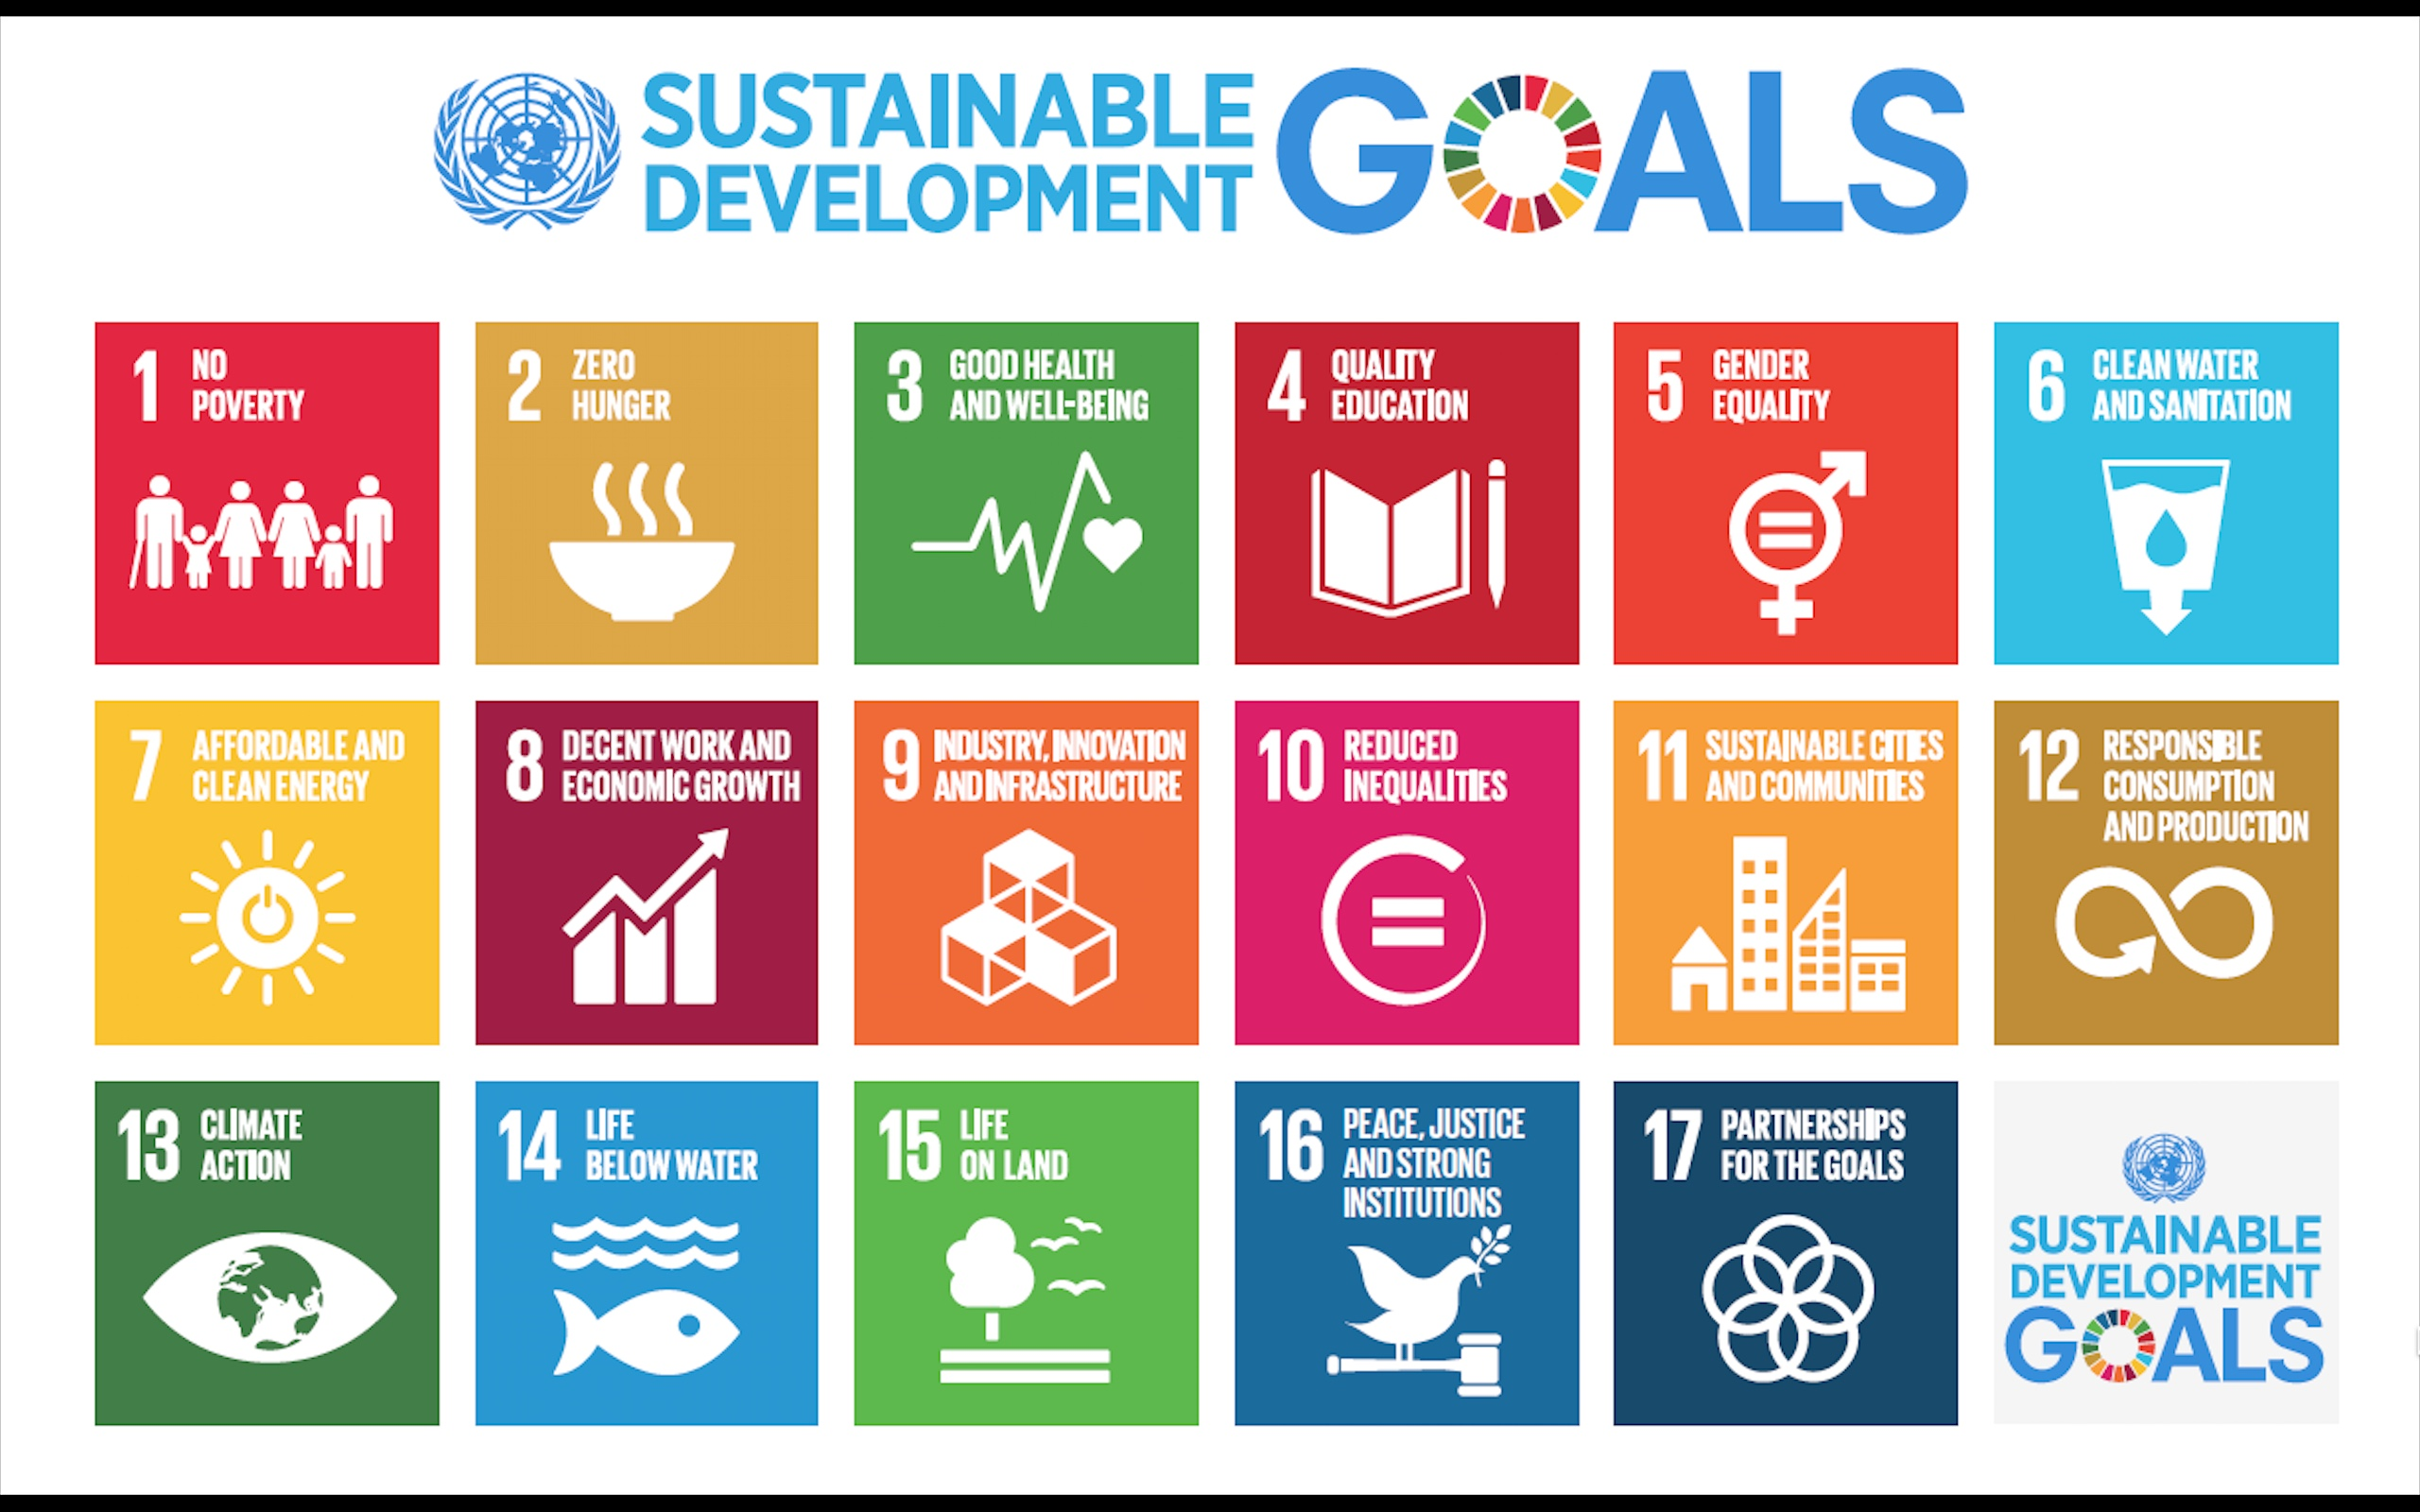 Sustainable_Development_Goals für eine nachhaltige Entwicklung